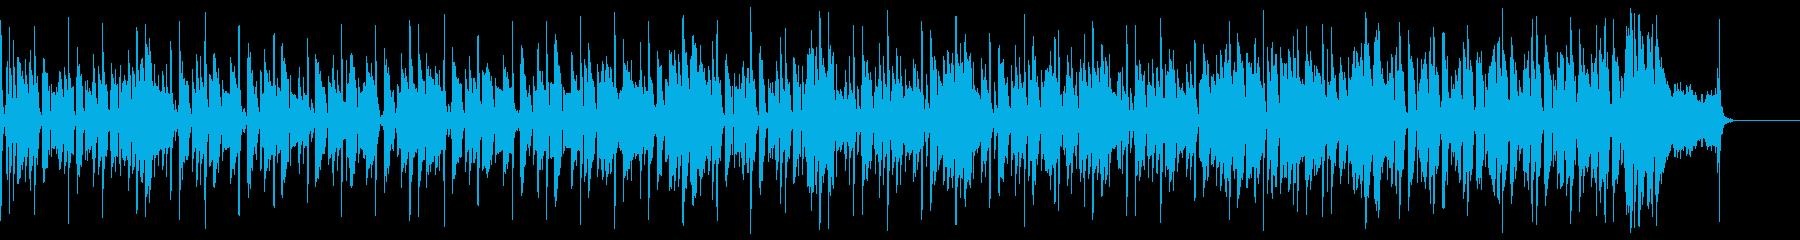 陽気なレゲエの再生済みの波形